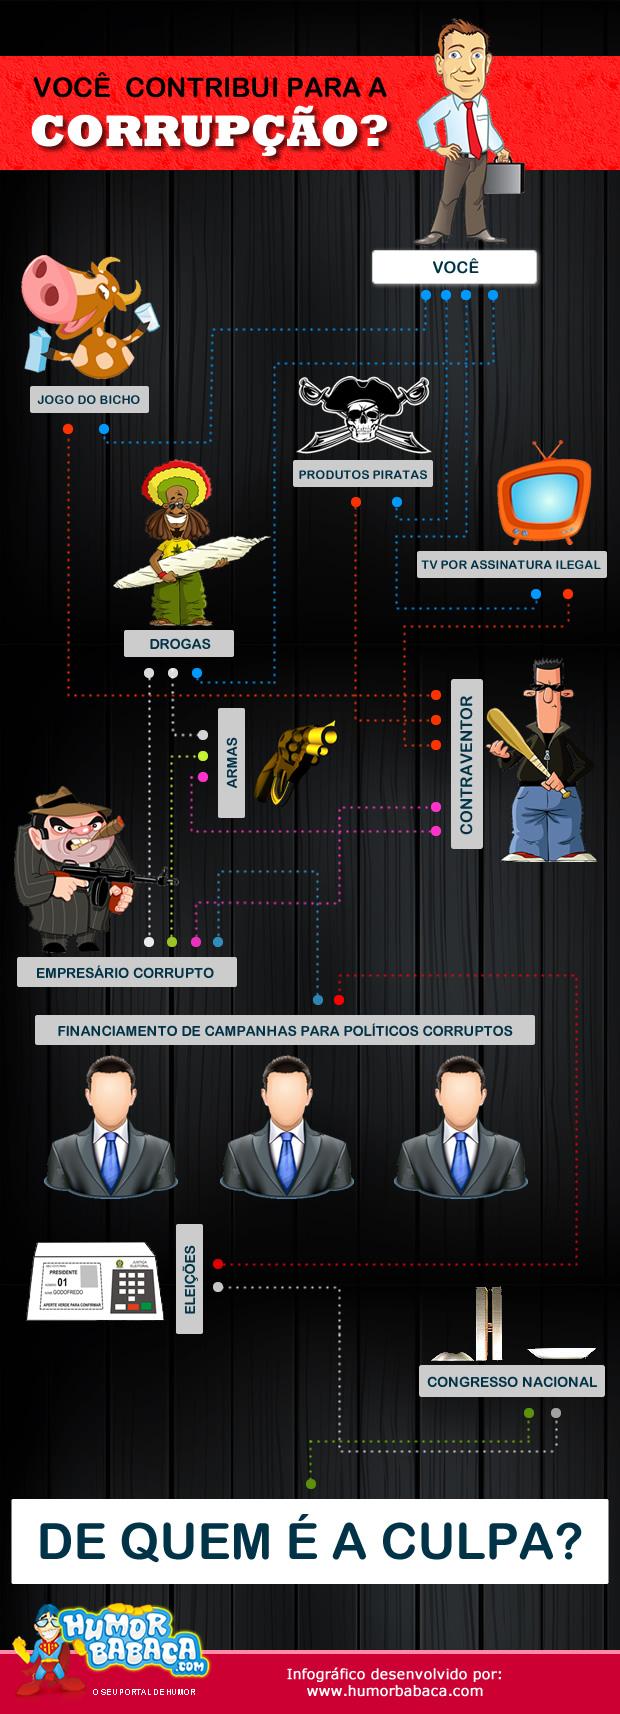 Você contribui para a Corrupção?